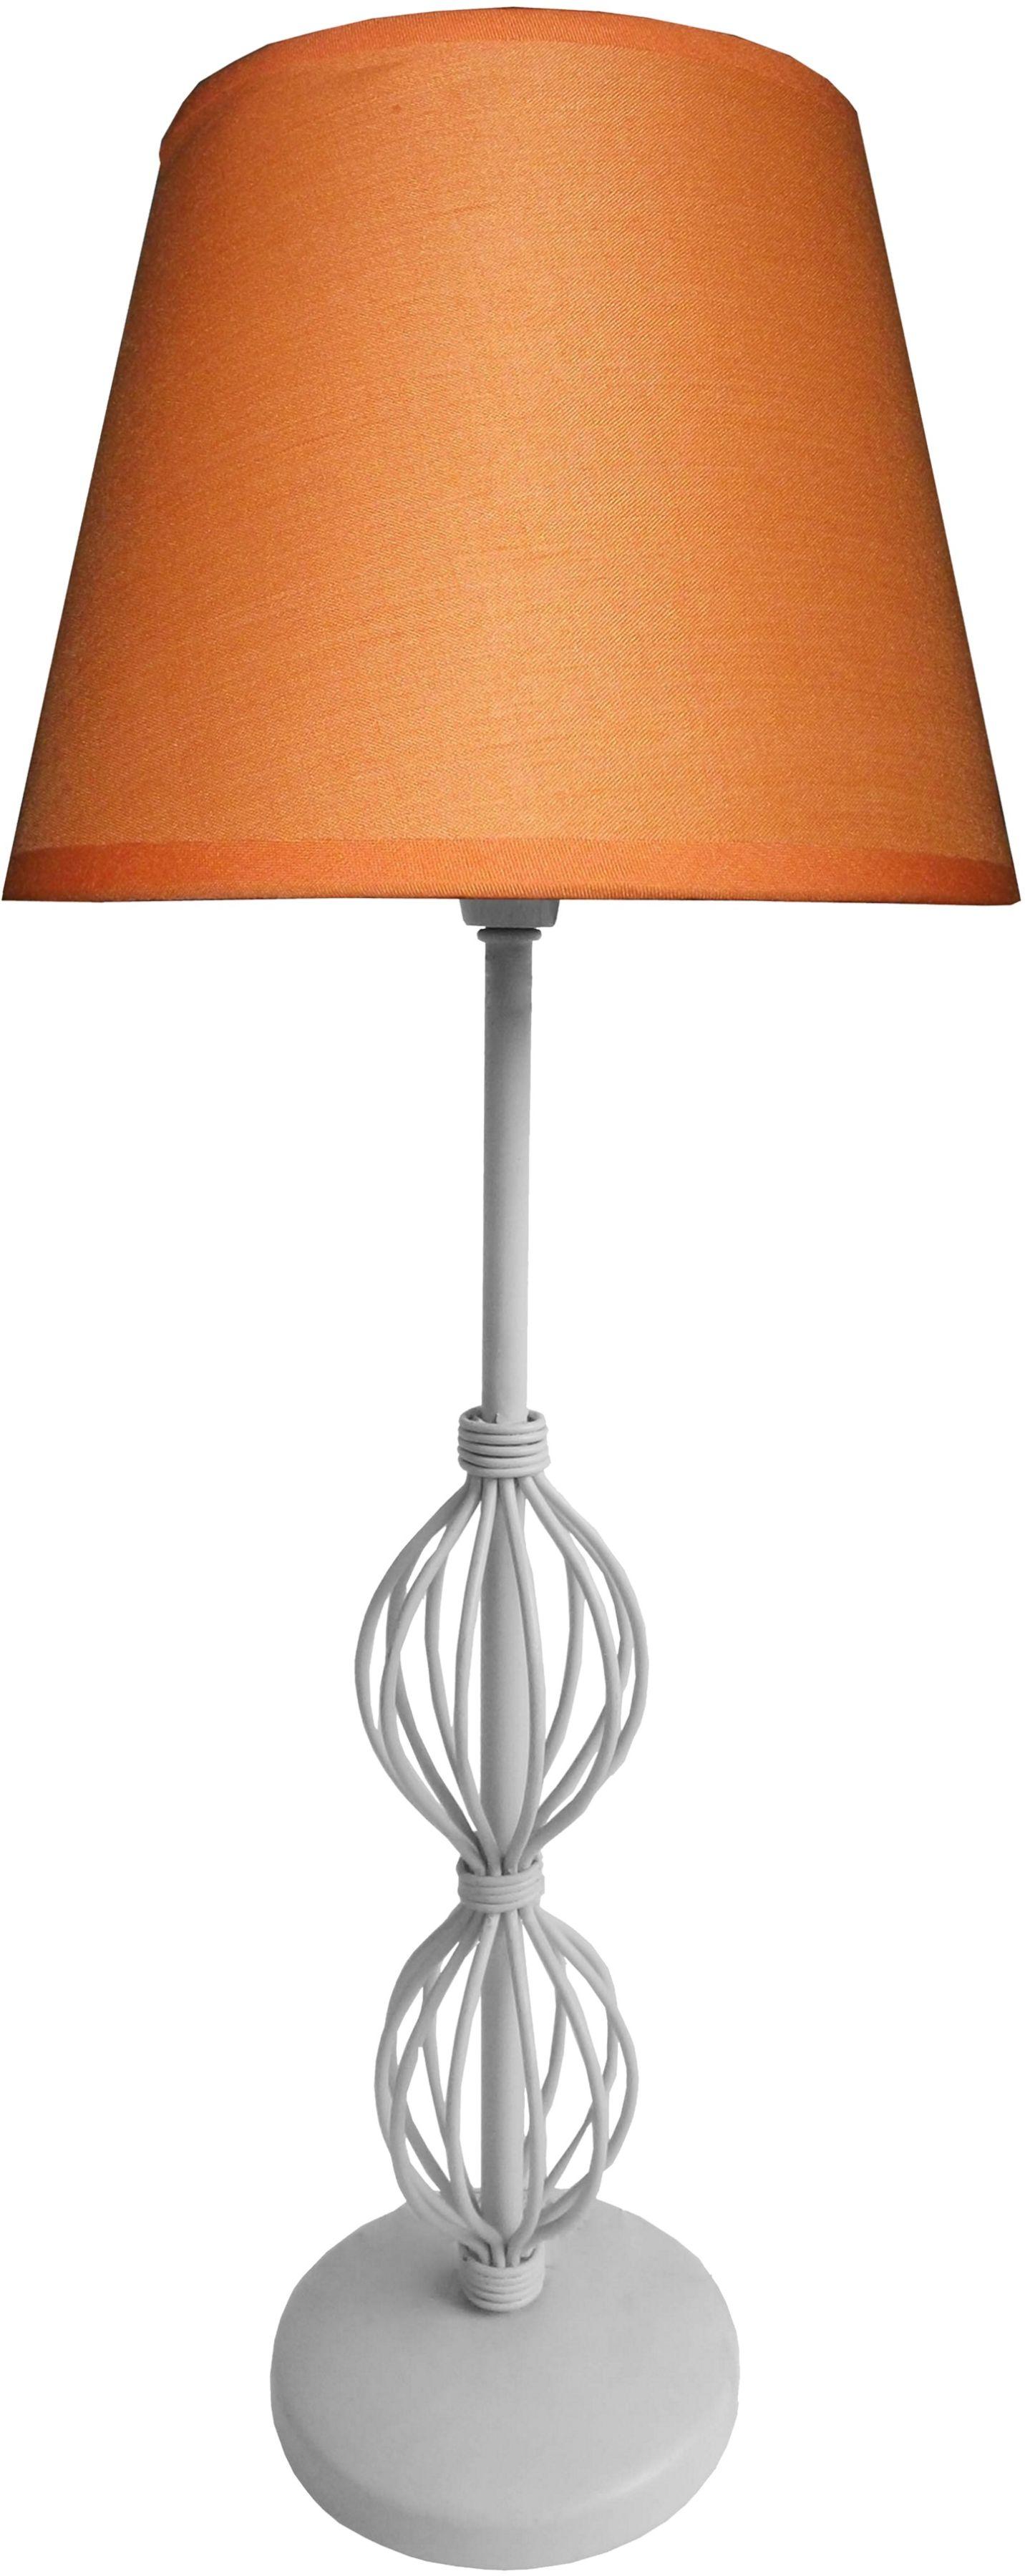 Candellux ROSETTE 2 41-99580 lampa stołowa abażur tkanina pomarańczowy + rozeta dekoracyjna 1X40W E14 18 cm